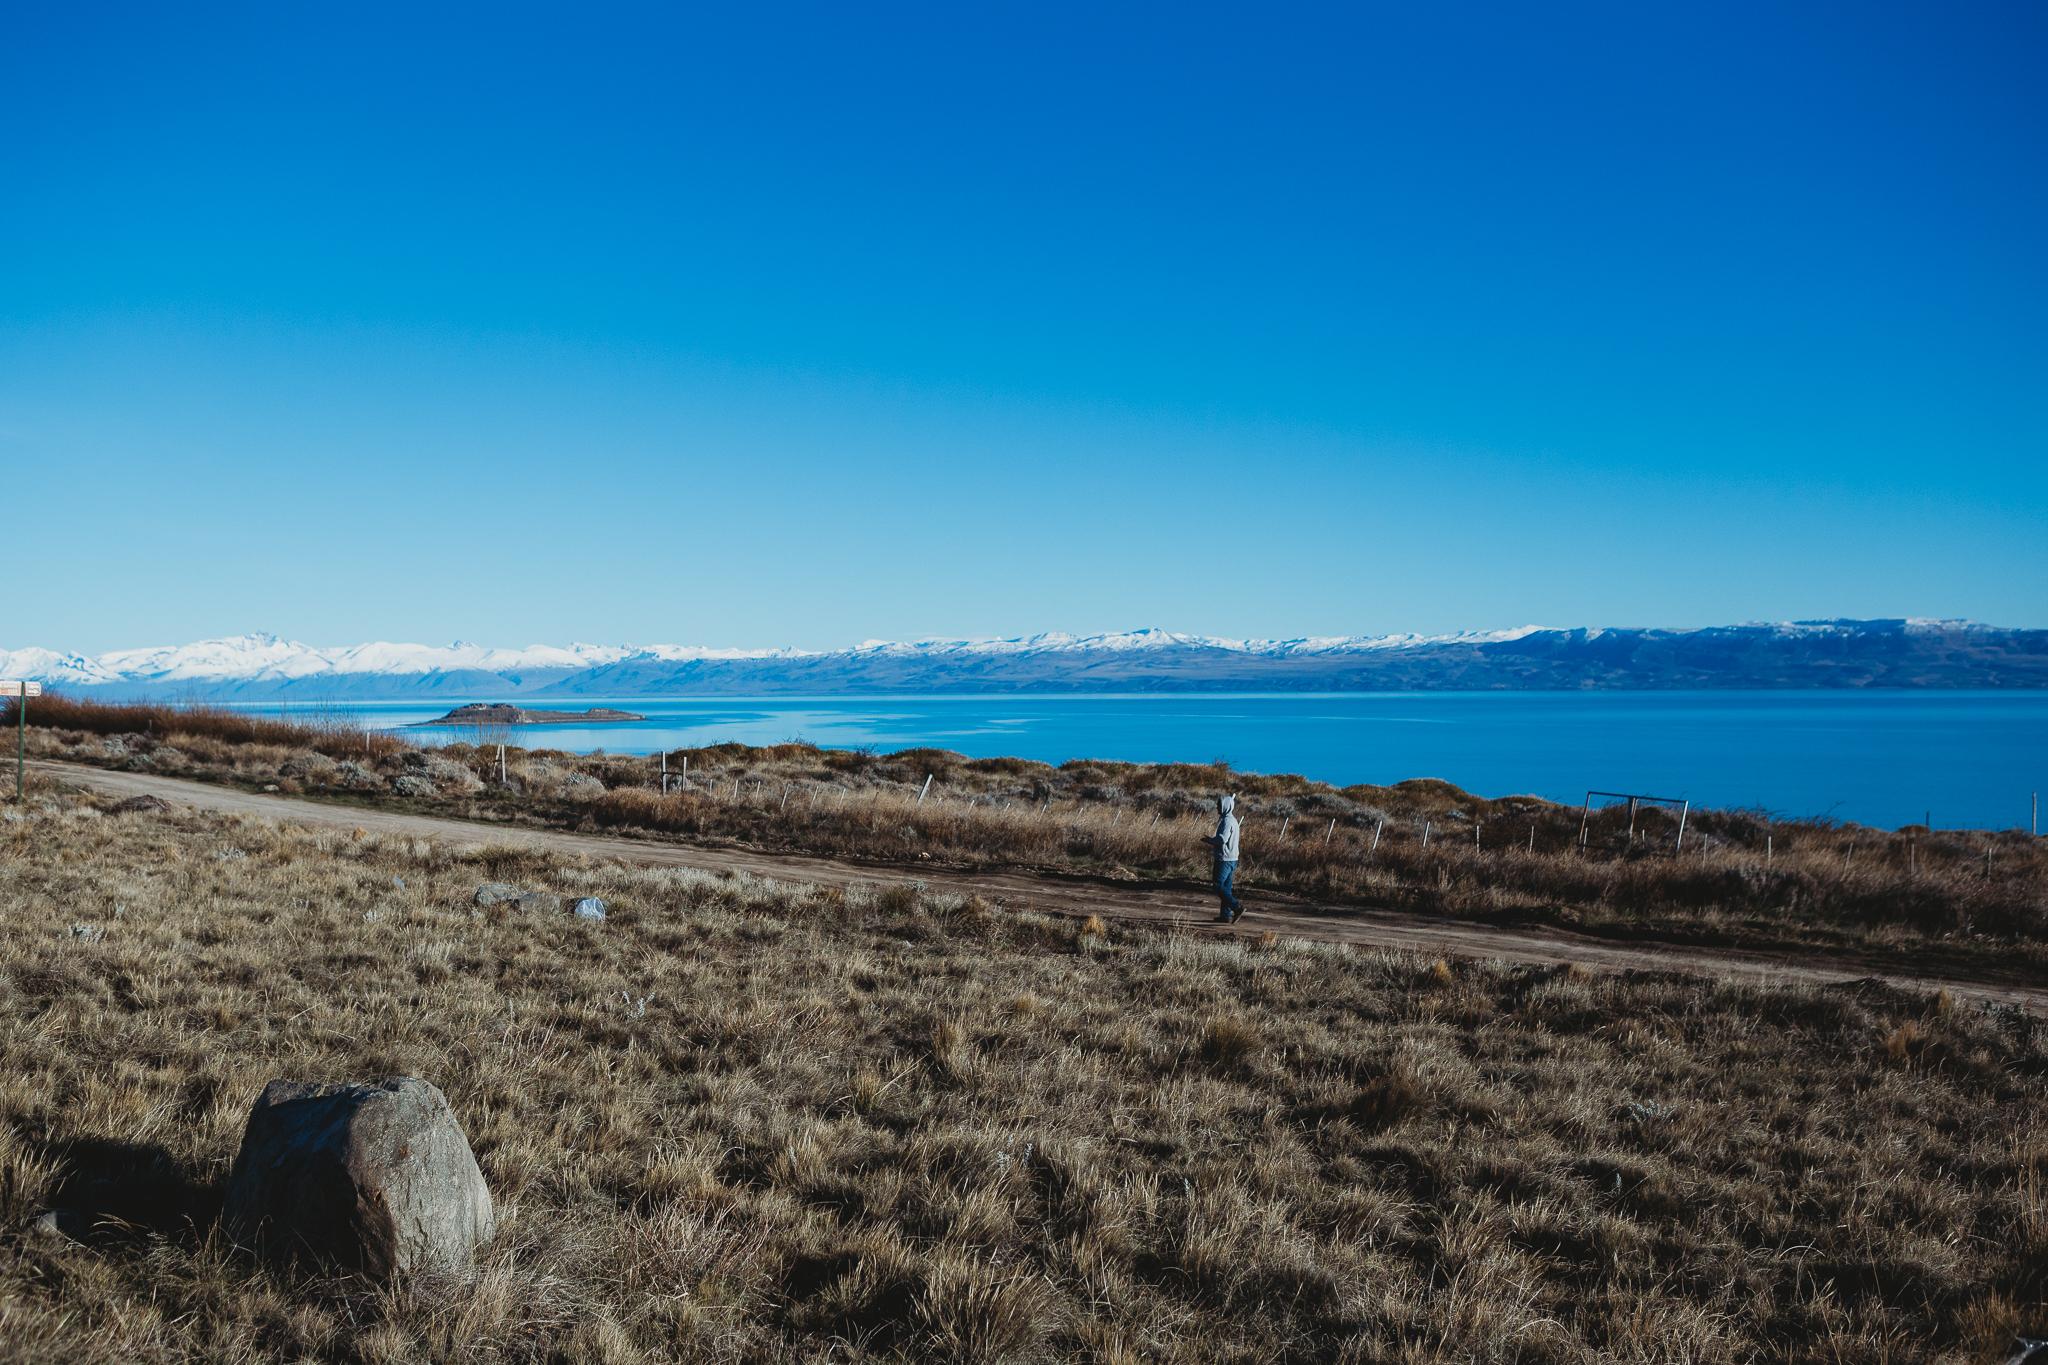 El Calafate, El Chalten, Perito Moreno, Parque Nacional Los Glaciares, Argentina, Buenos Aires-36.jpg